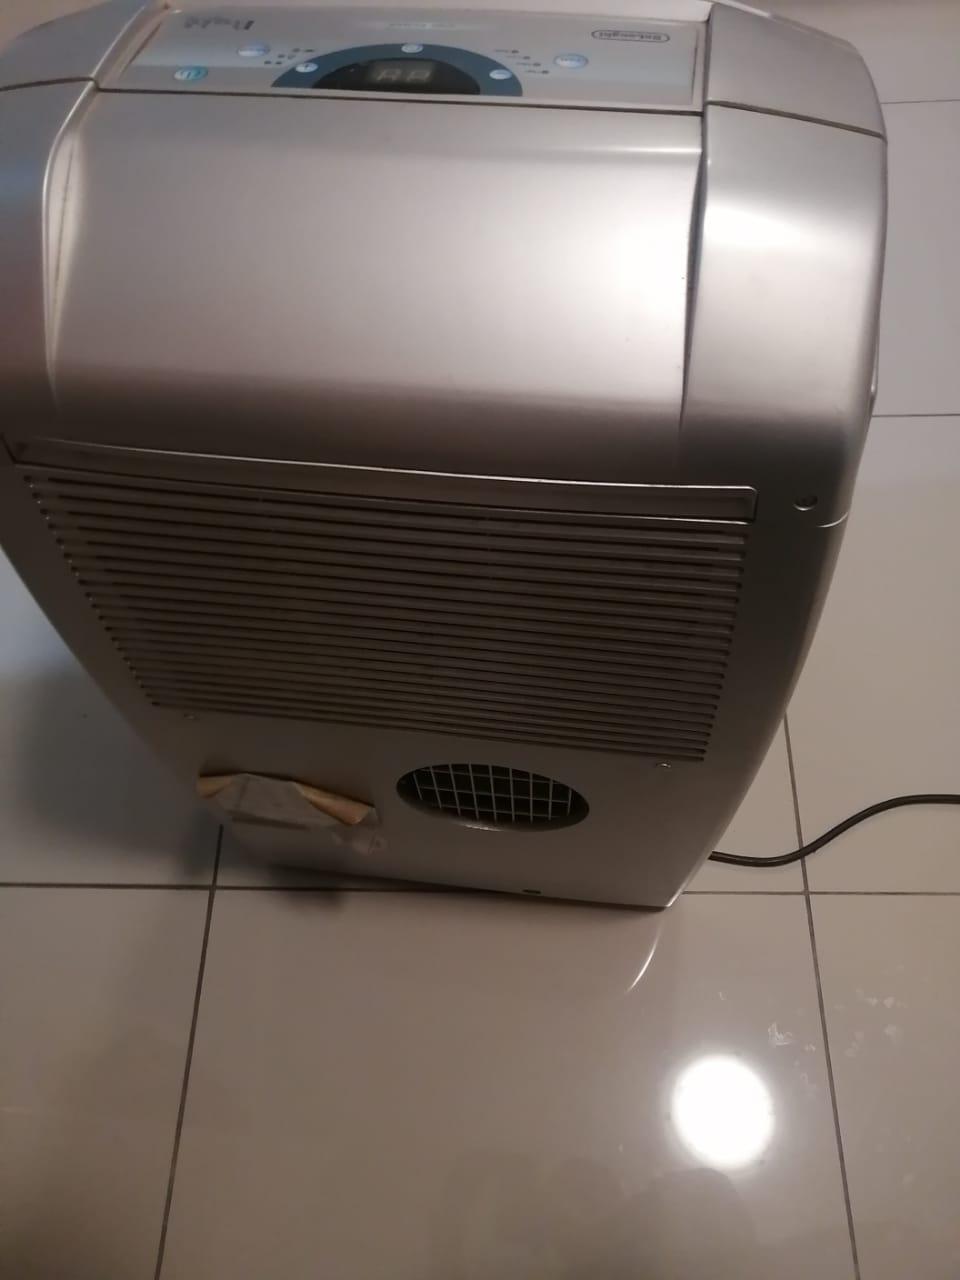 DeLonghi portable silver aircon